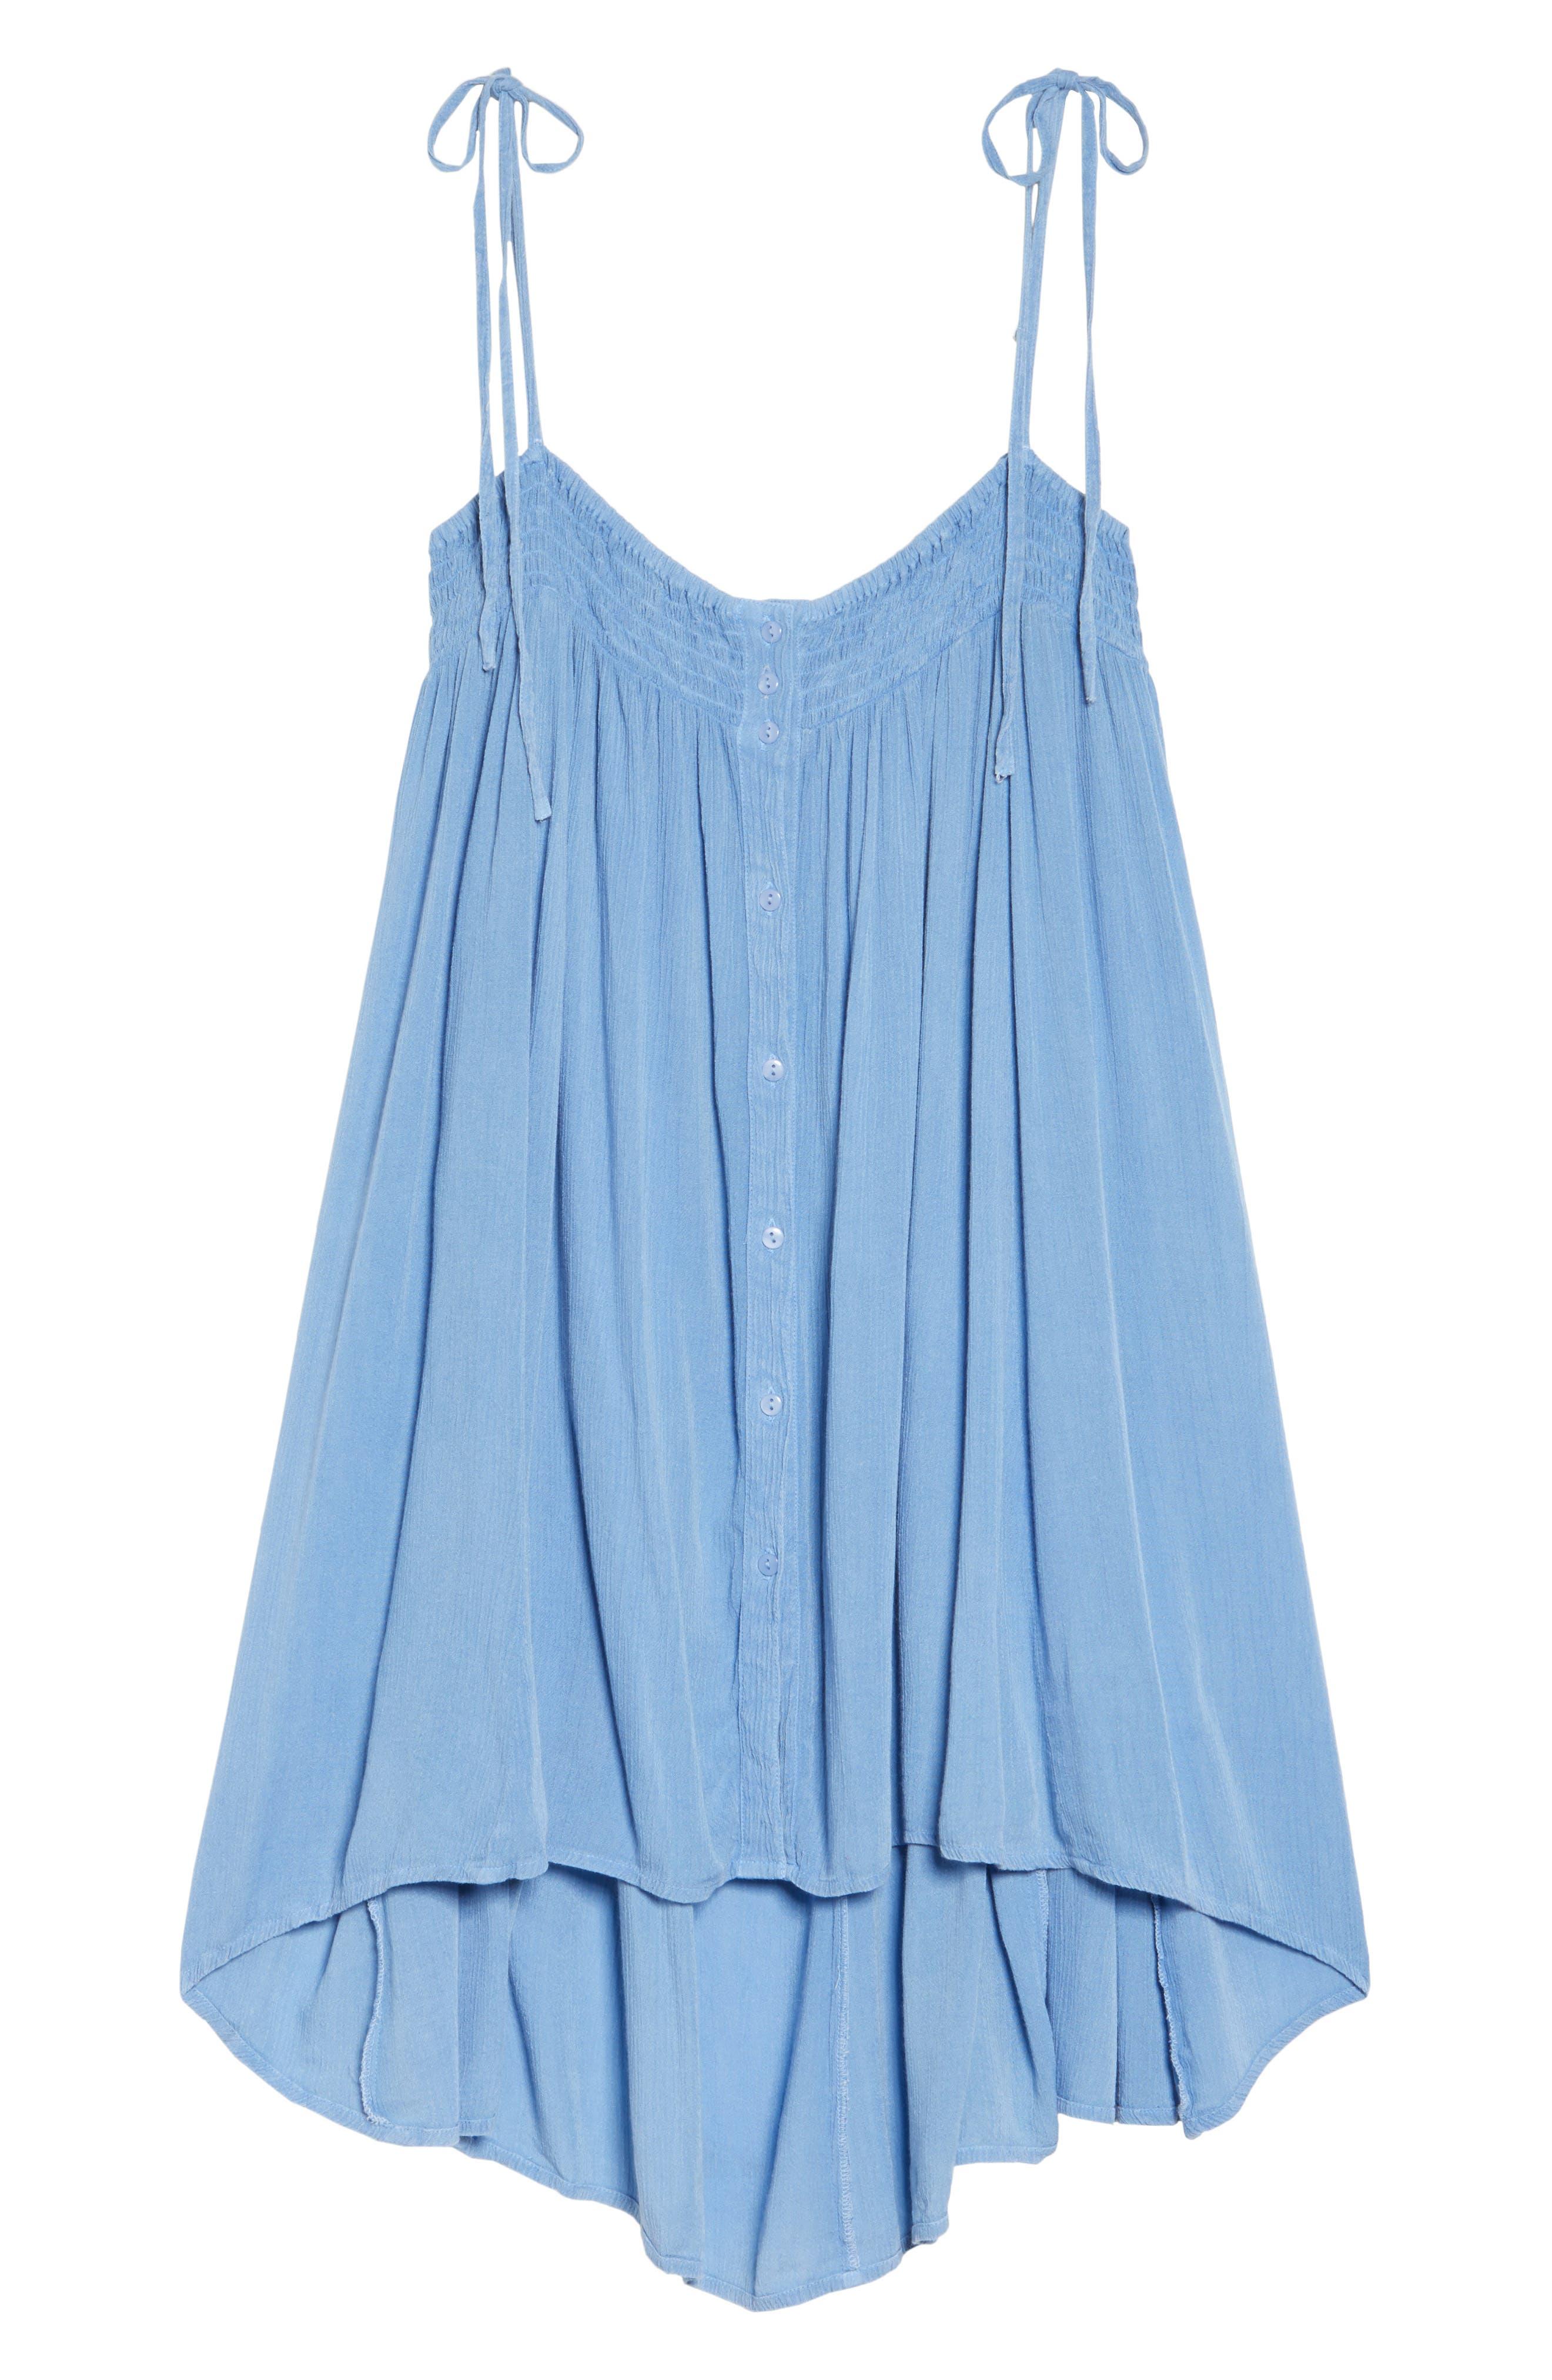 Oliva Cover-Up Dress,                             Alternate thumbnail 6, color,                             Denim